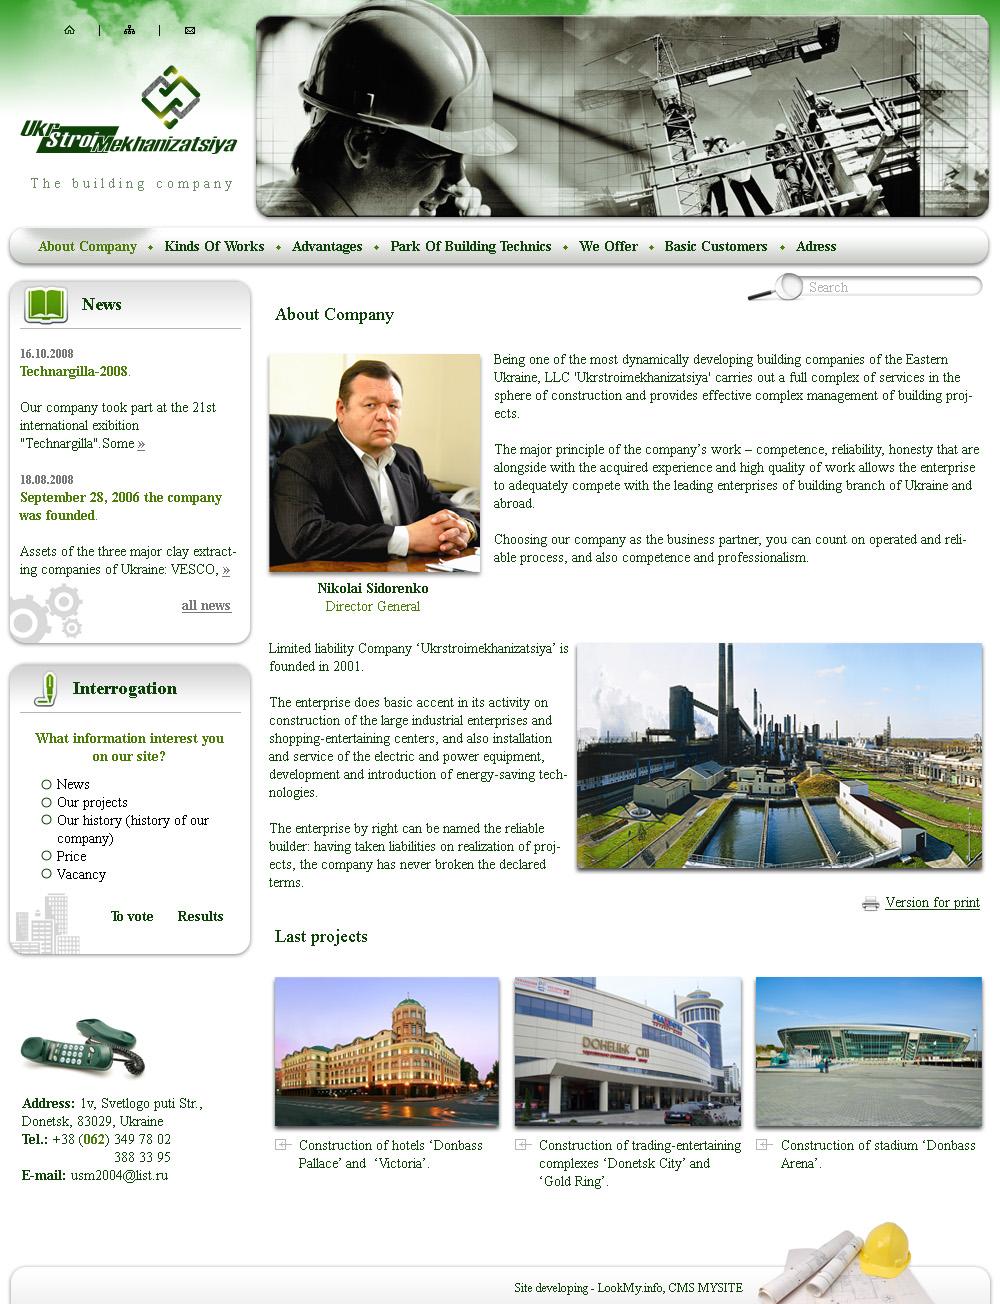 ООО Укрстроймеханизация, строительная компания